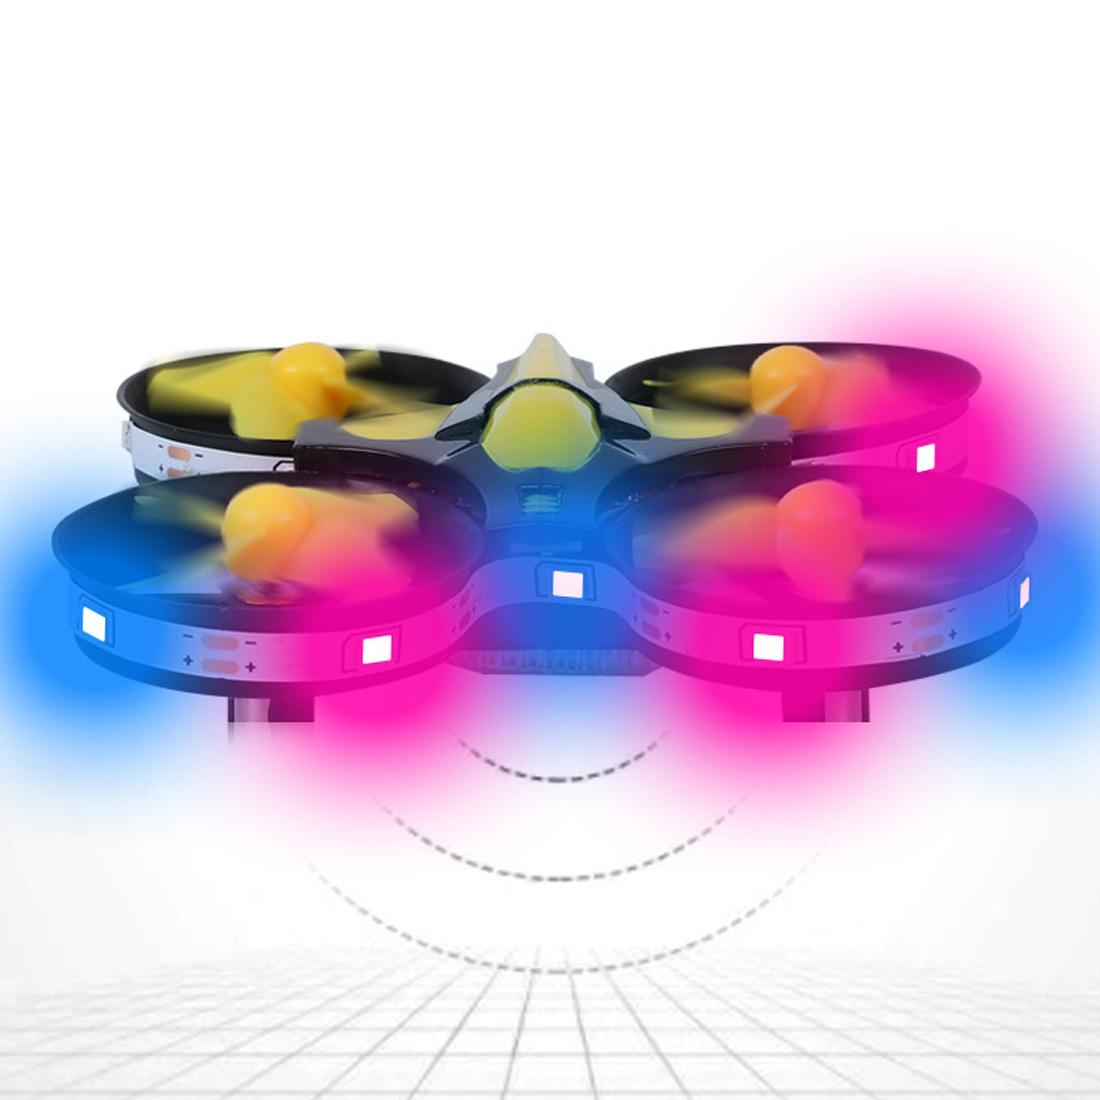 Interaktive Induction Drone Spielzeug Quadcopter LED-Licht RTF UAV Flugzeug Intelligent Uhr Fernbedienung UFO Drone-Kind-Geschenk